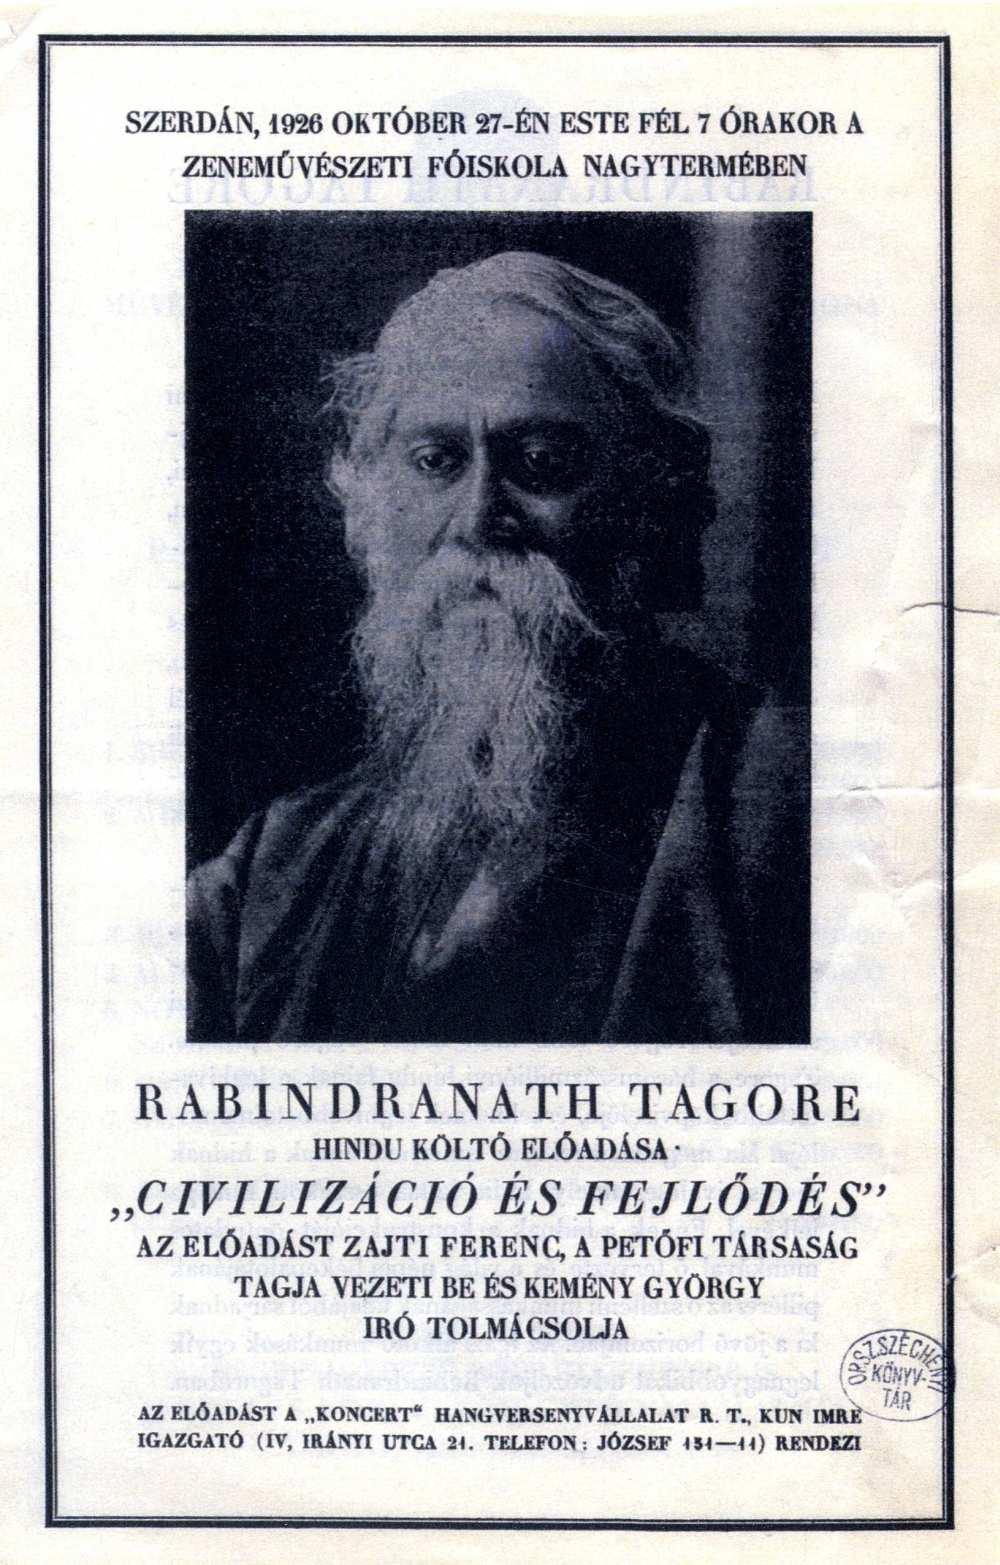 Meghívó Tagore Civilizáció és fejlődés című előadására a Zeneakadémiára – Térkép-, Plakát- és Kisnyomtatványtár